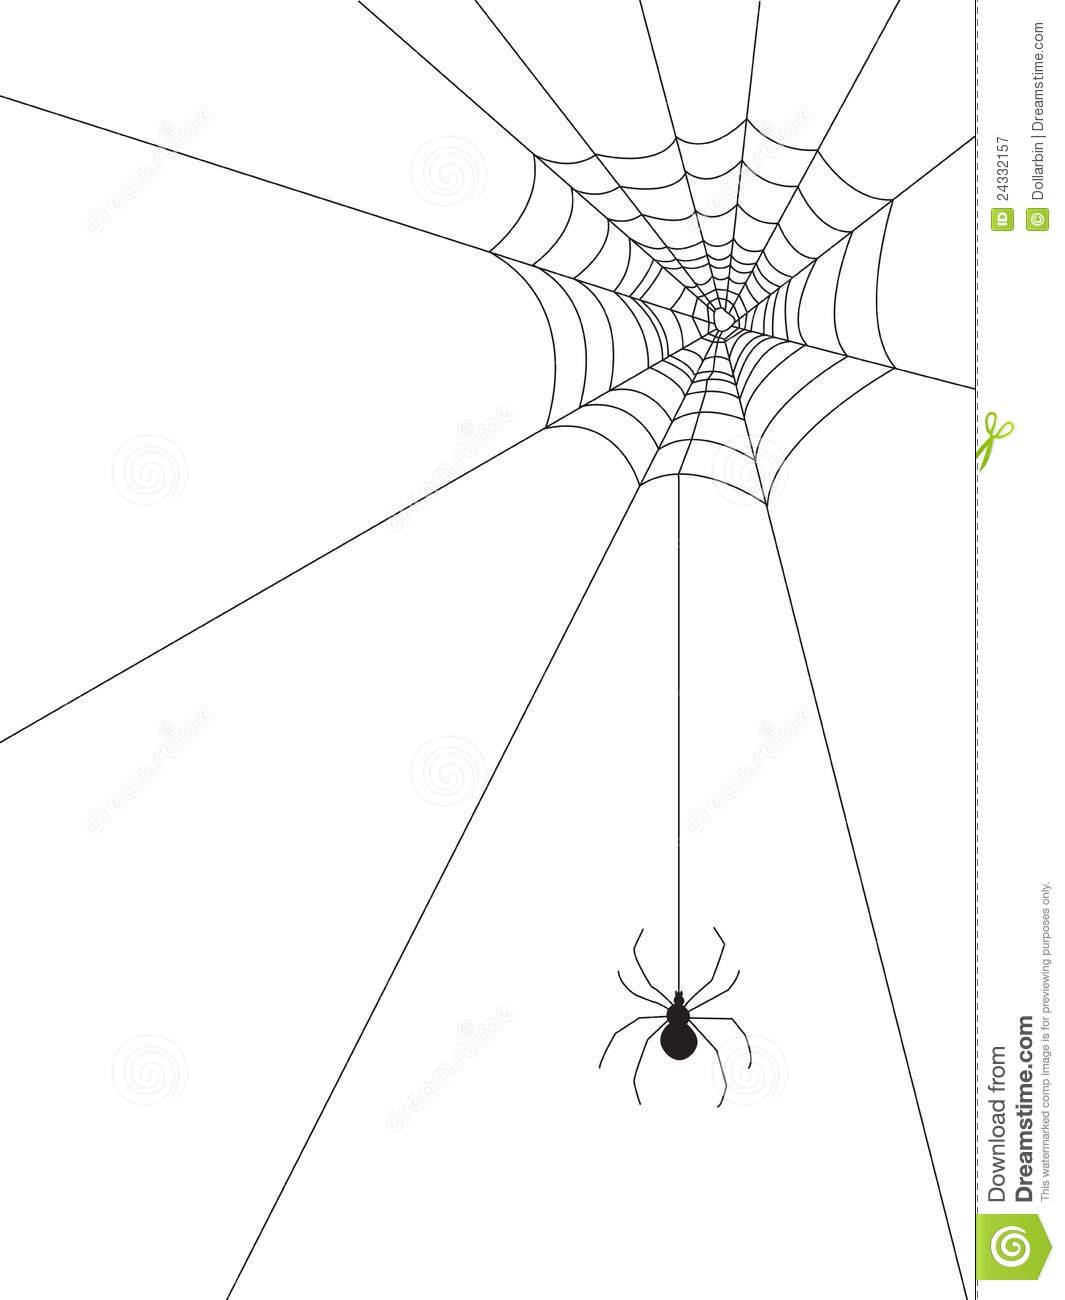 Drawn spider web background corner Web Corner corner Black Spider